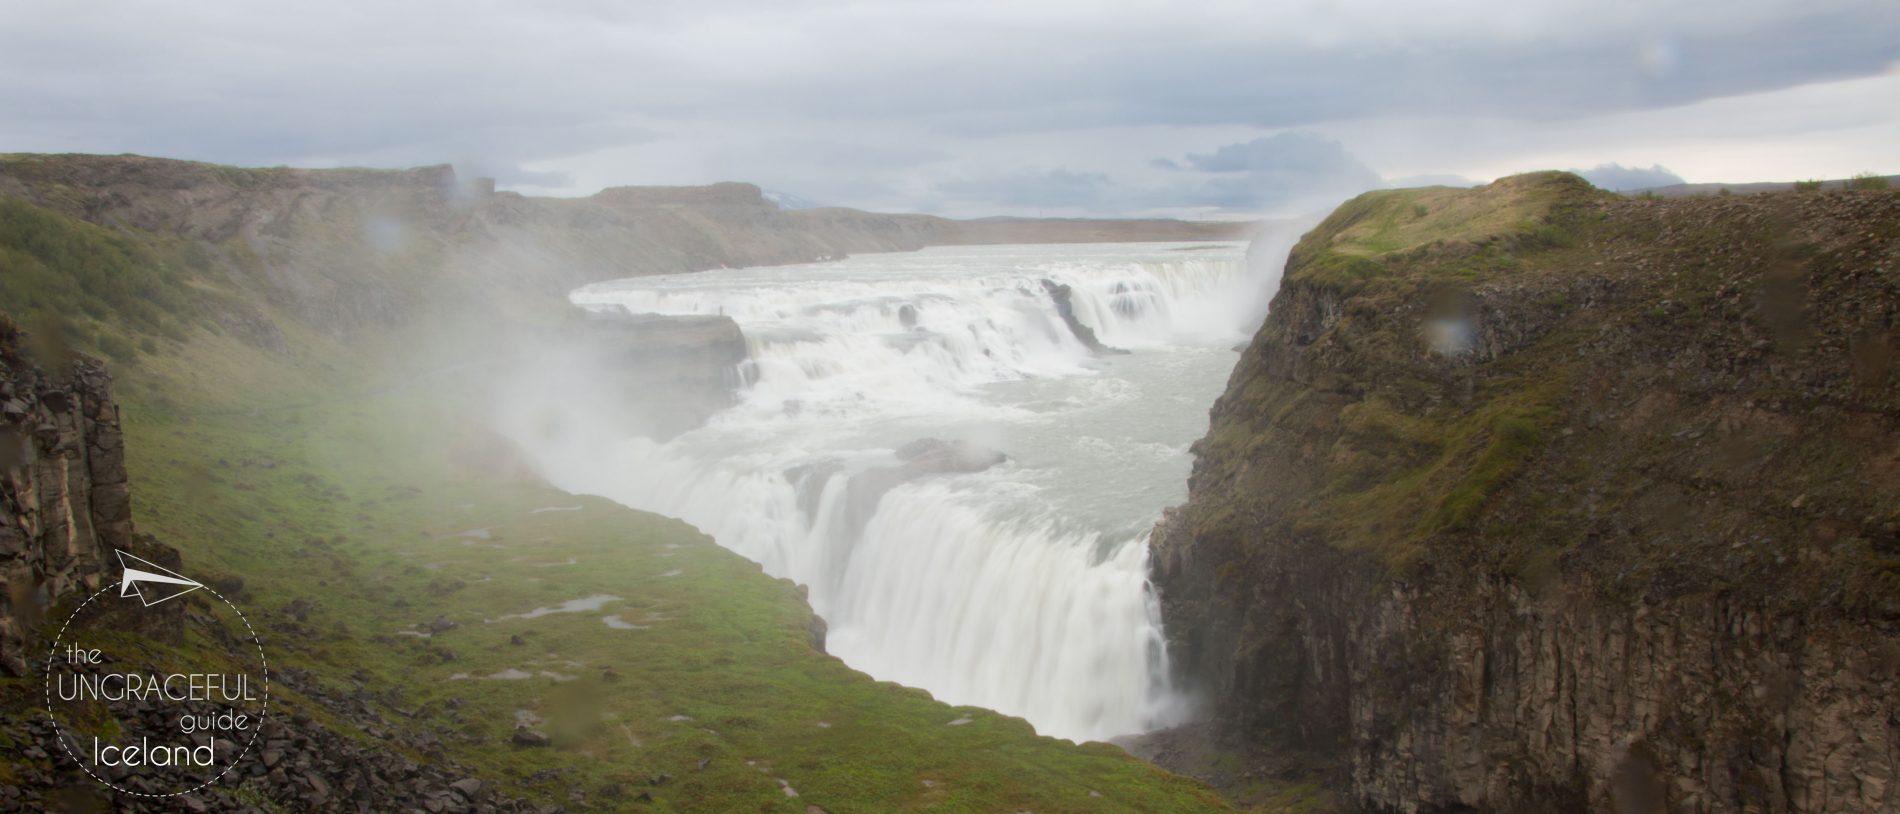 """<img src=""""data:image/gif;base64,R0lGODdhAQABAPAAAP///wAAACwAAAAAAQABAEACAkQBADs="""" data-lazy-src=""""images/"""" width=""""800"""" height=""""600"""" alt=""""iceland - waterfall - Iceland: How to get the most on a budget"""">"""